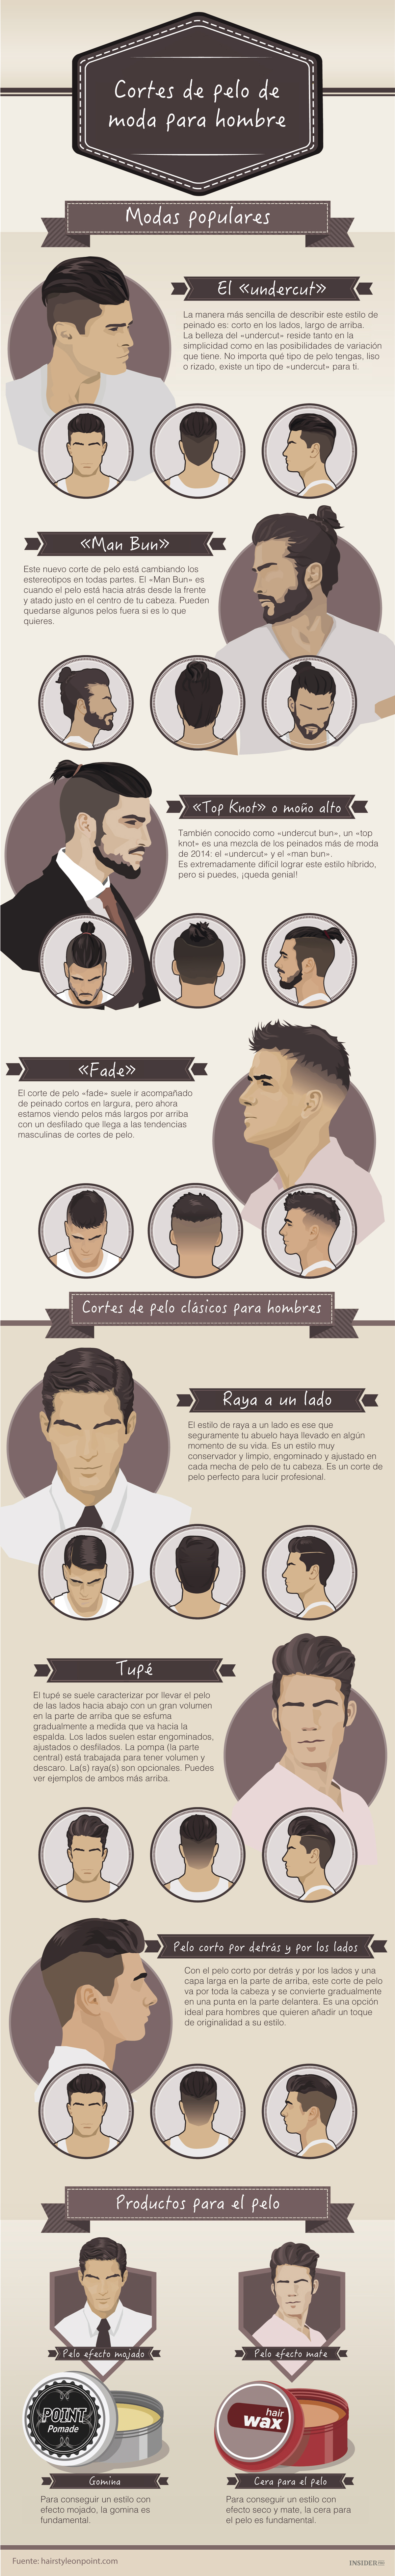 sea cual sea tu estilo preferido tan solo asegrate de llevar un corte que se ajuste a la forma de tu cara los peinados ms de moda para los hombres